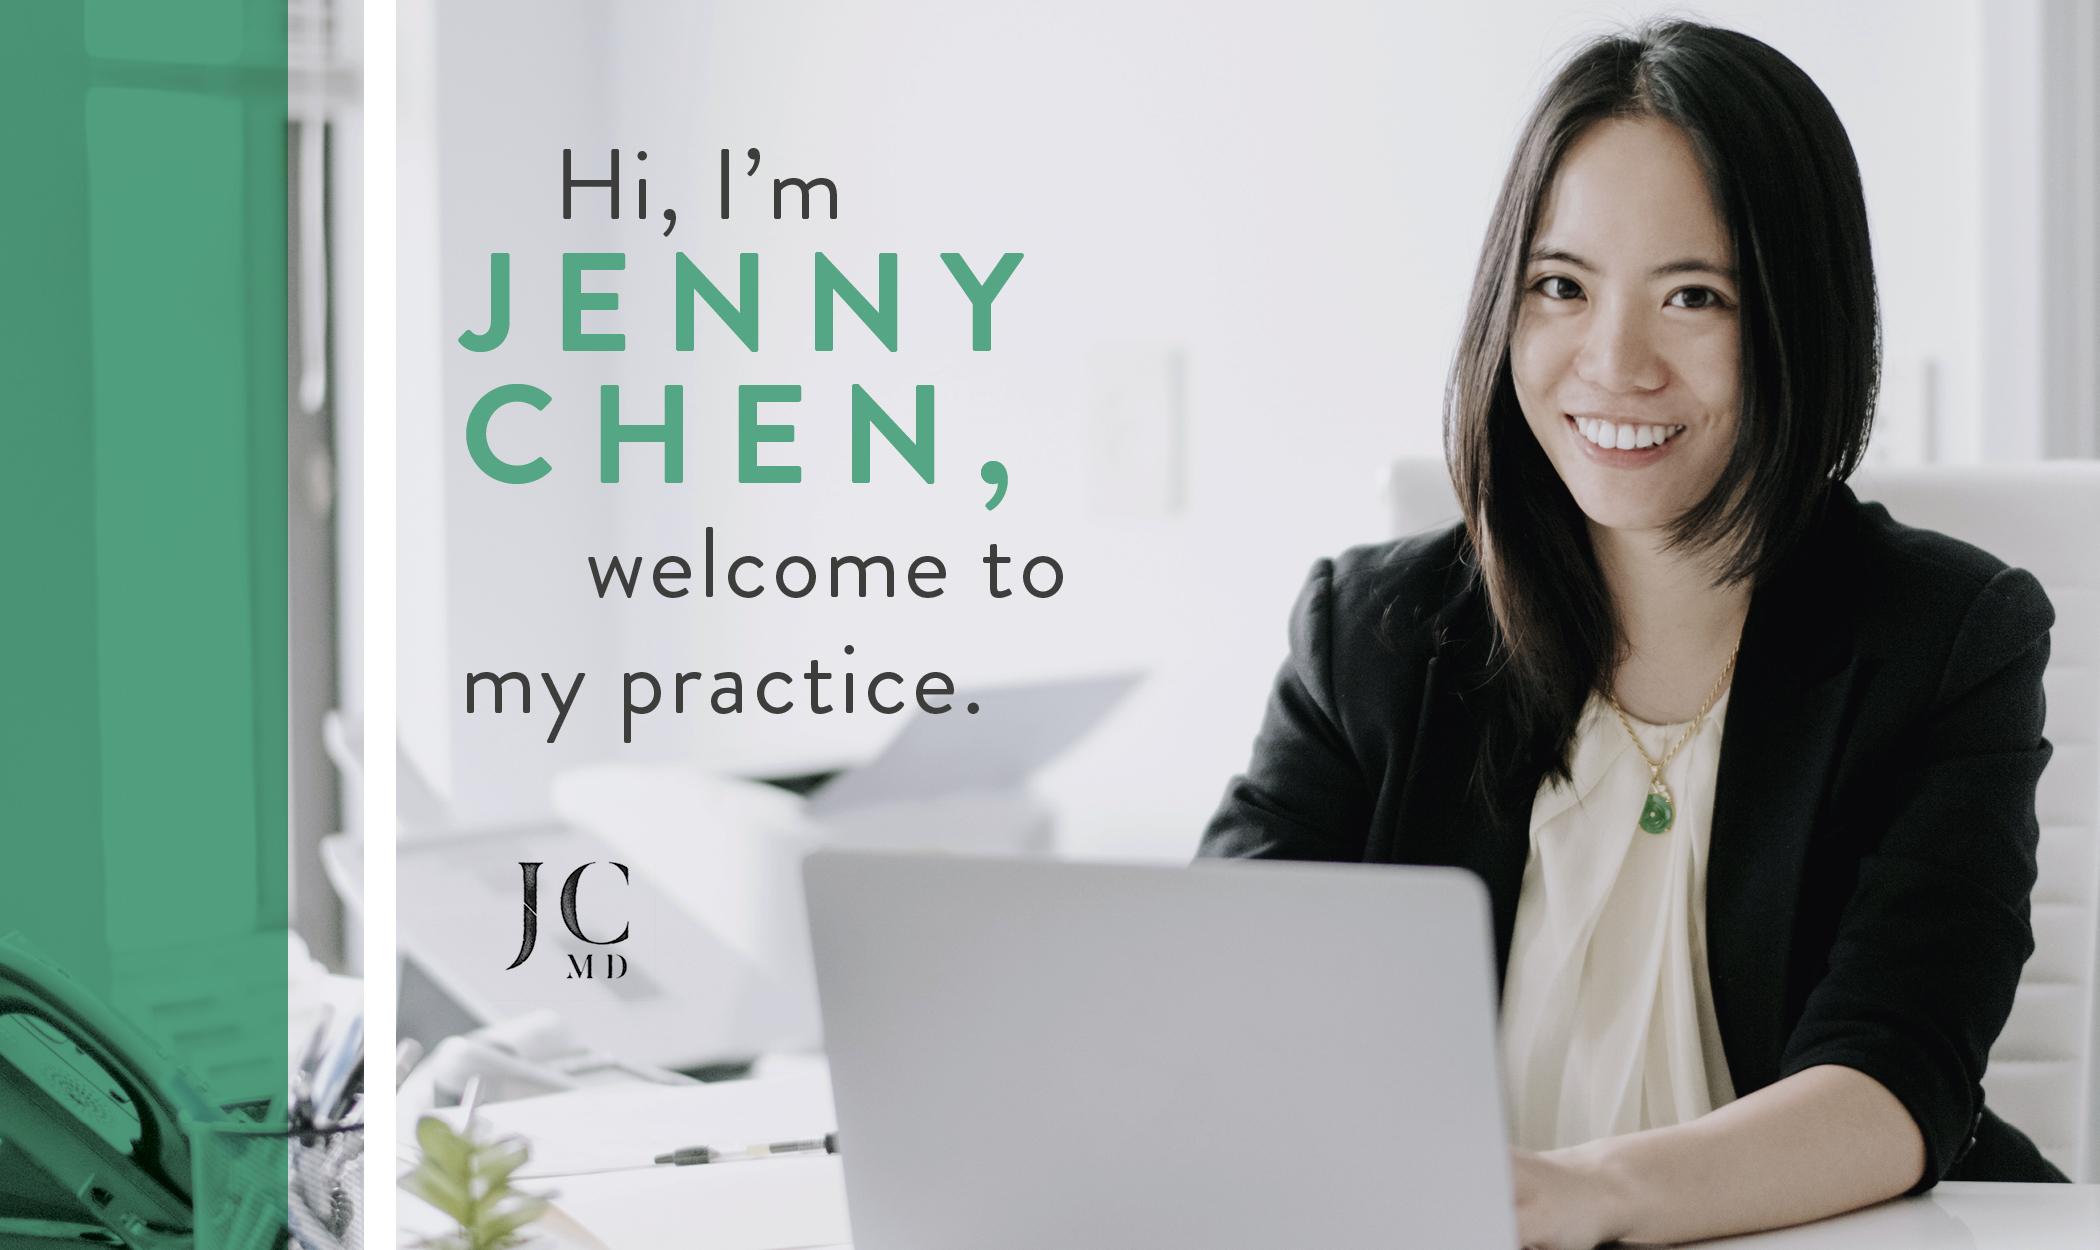 JennyHomePage_Meet.jpg